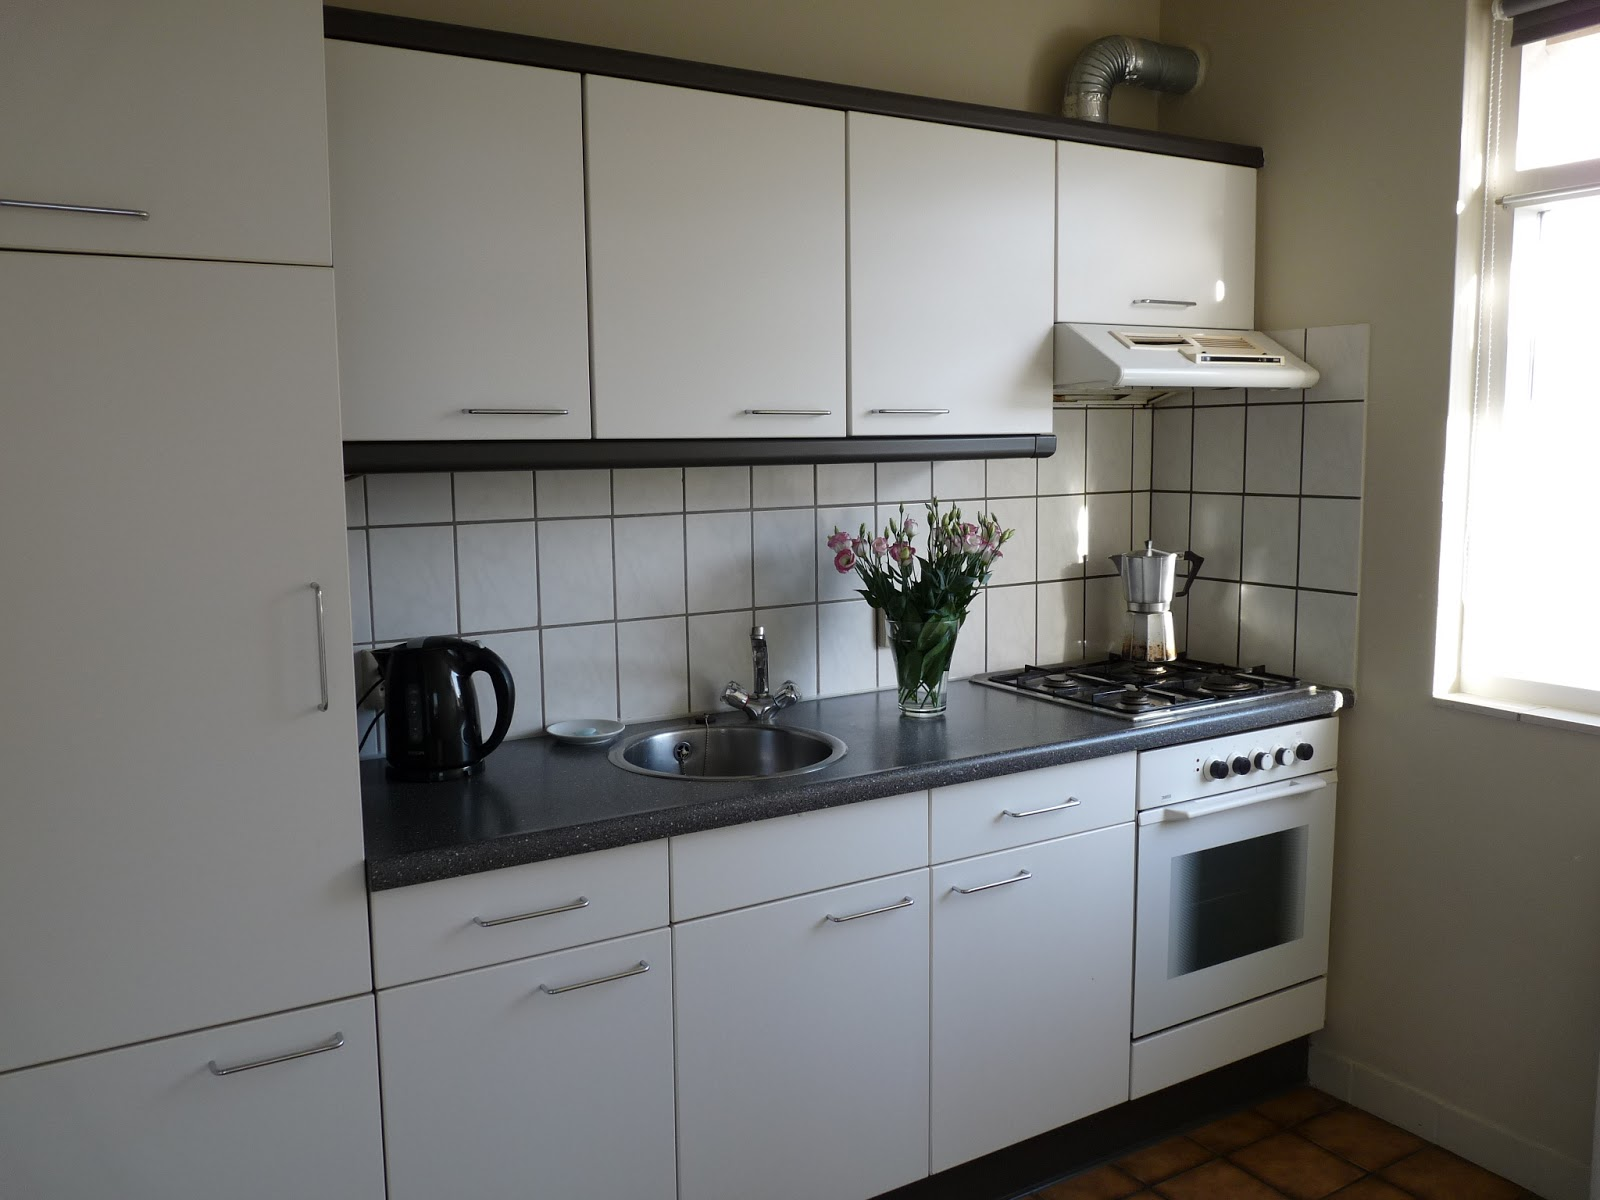 Ikea Faktum Küche Vorher Nachher Zur Feier Des Tages Gibt Es K?che ...